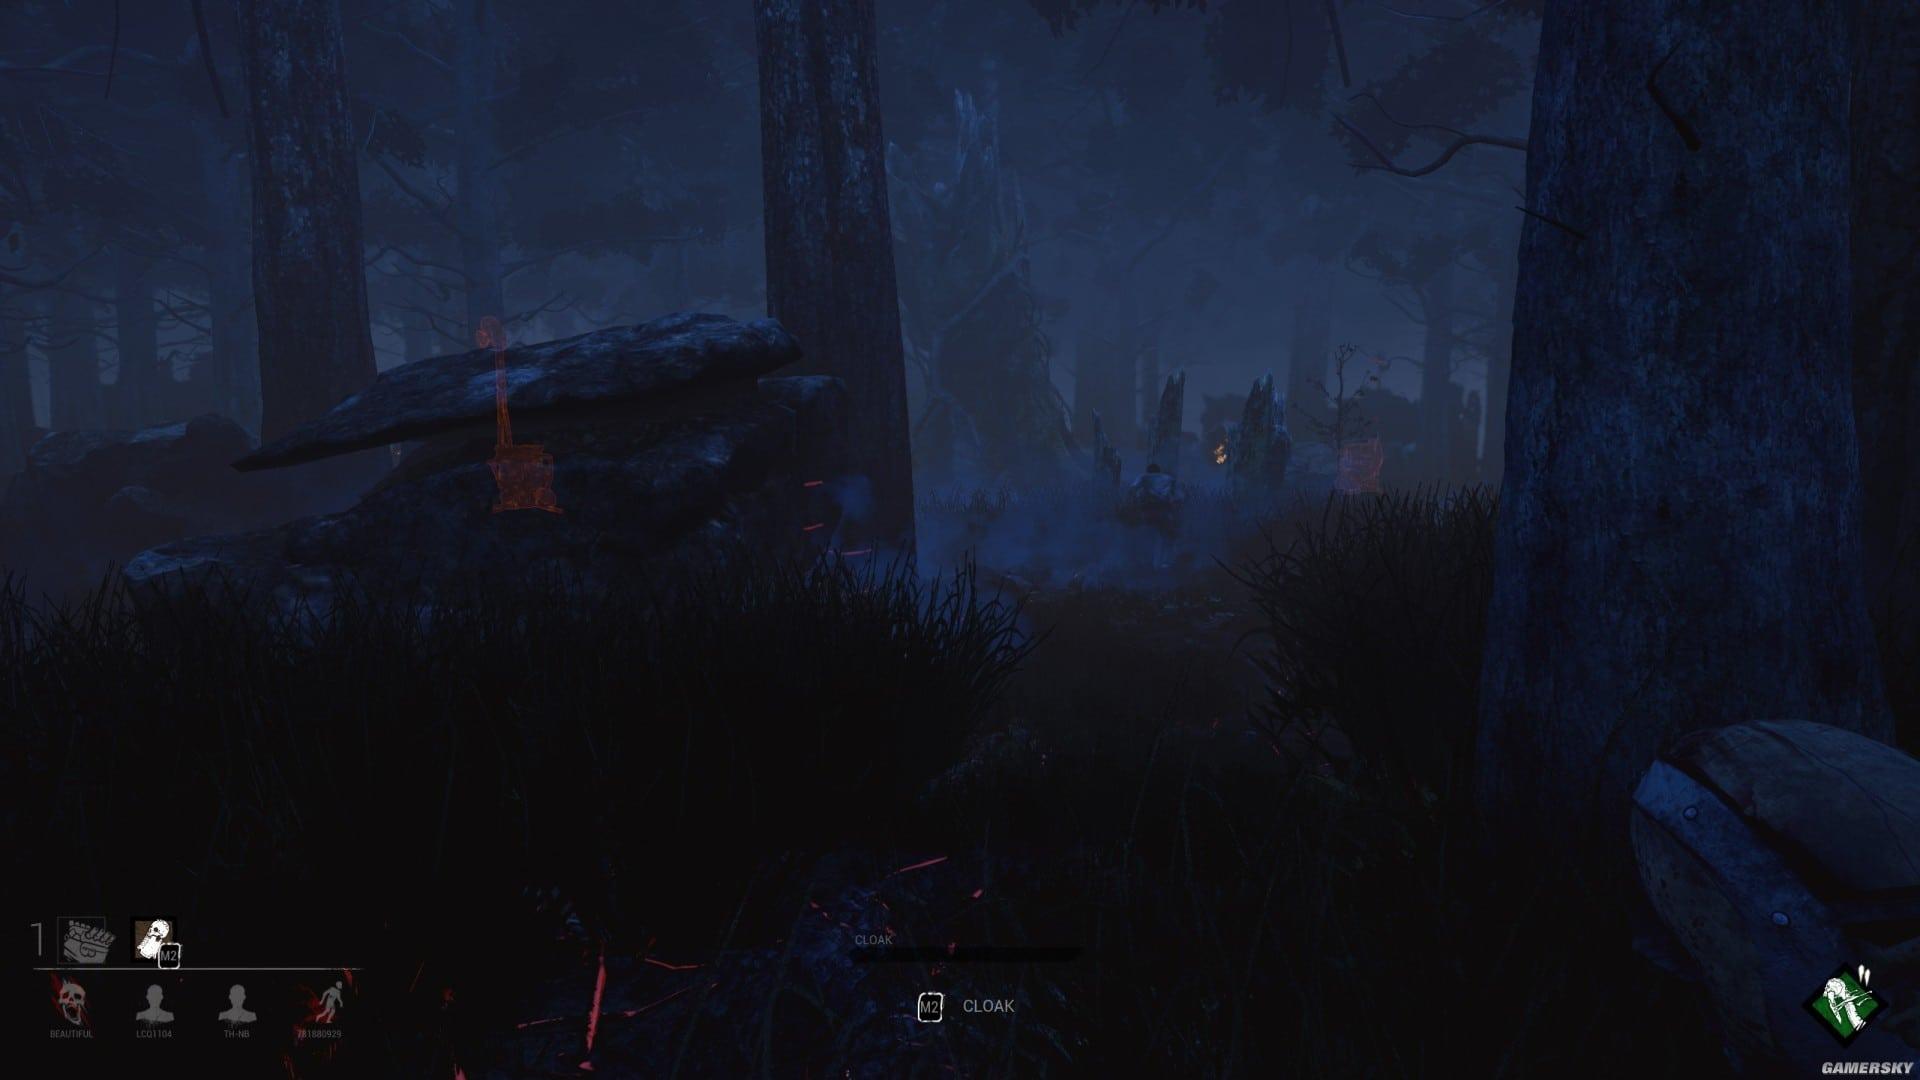 黎明死線 Dead by Daylight 隱身屠夫刷分攻略及追人技巧